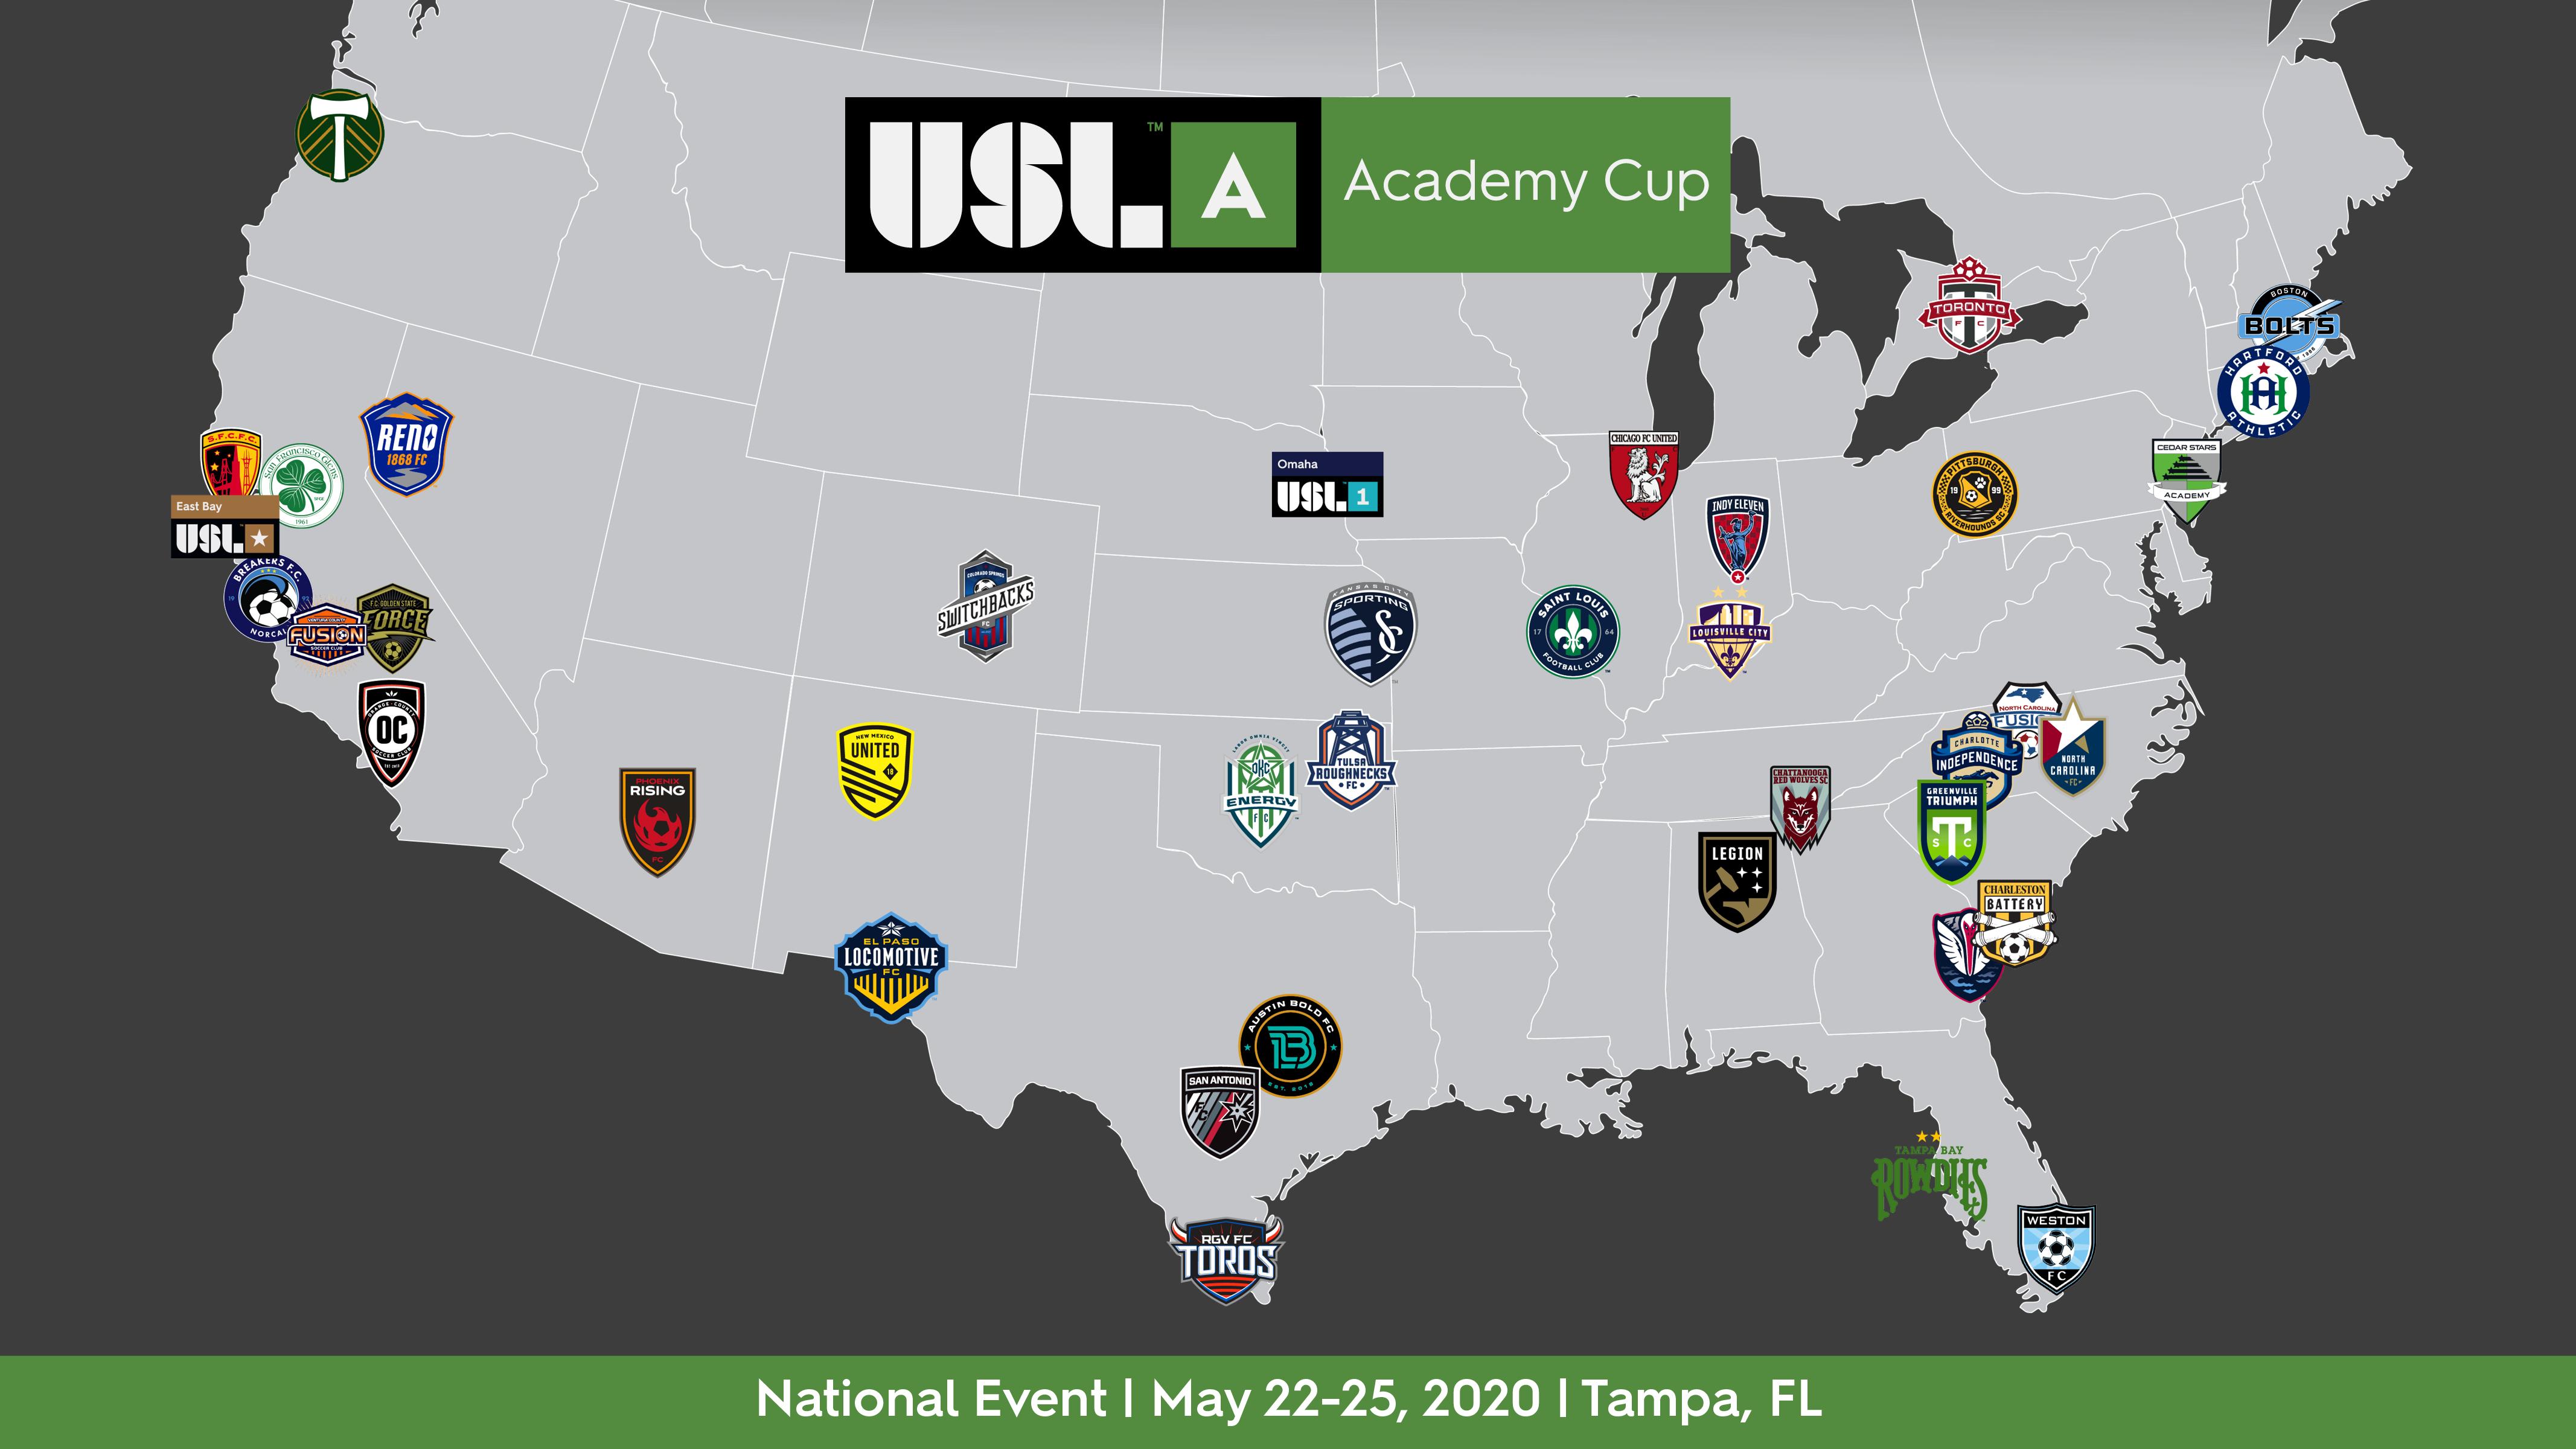 USL Academy Cup Teams